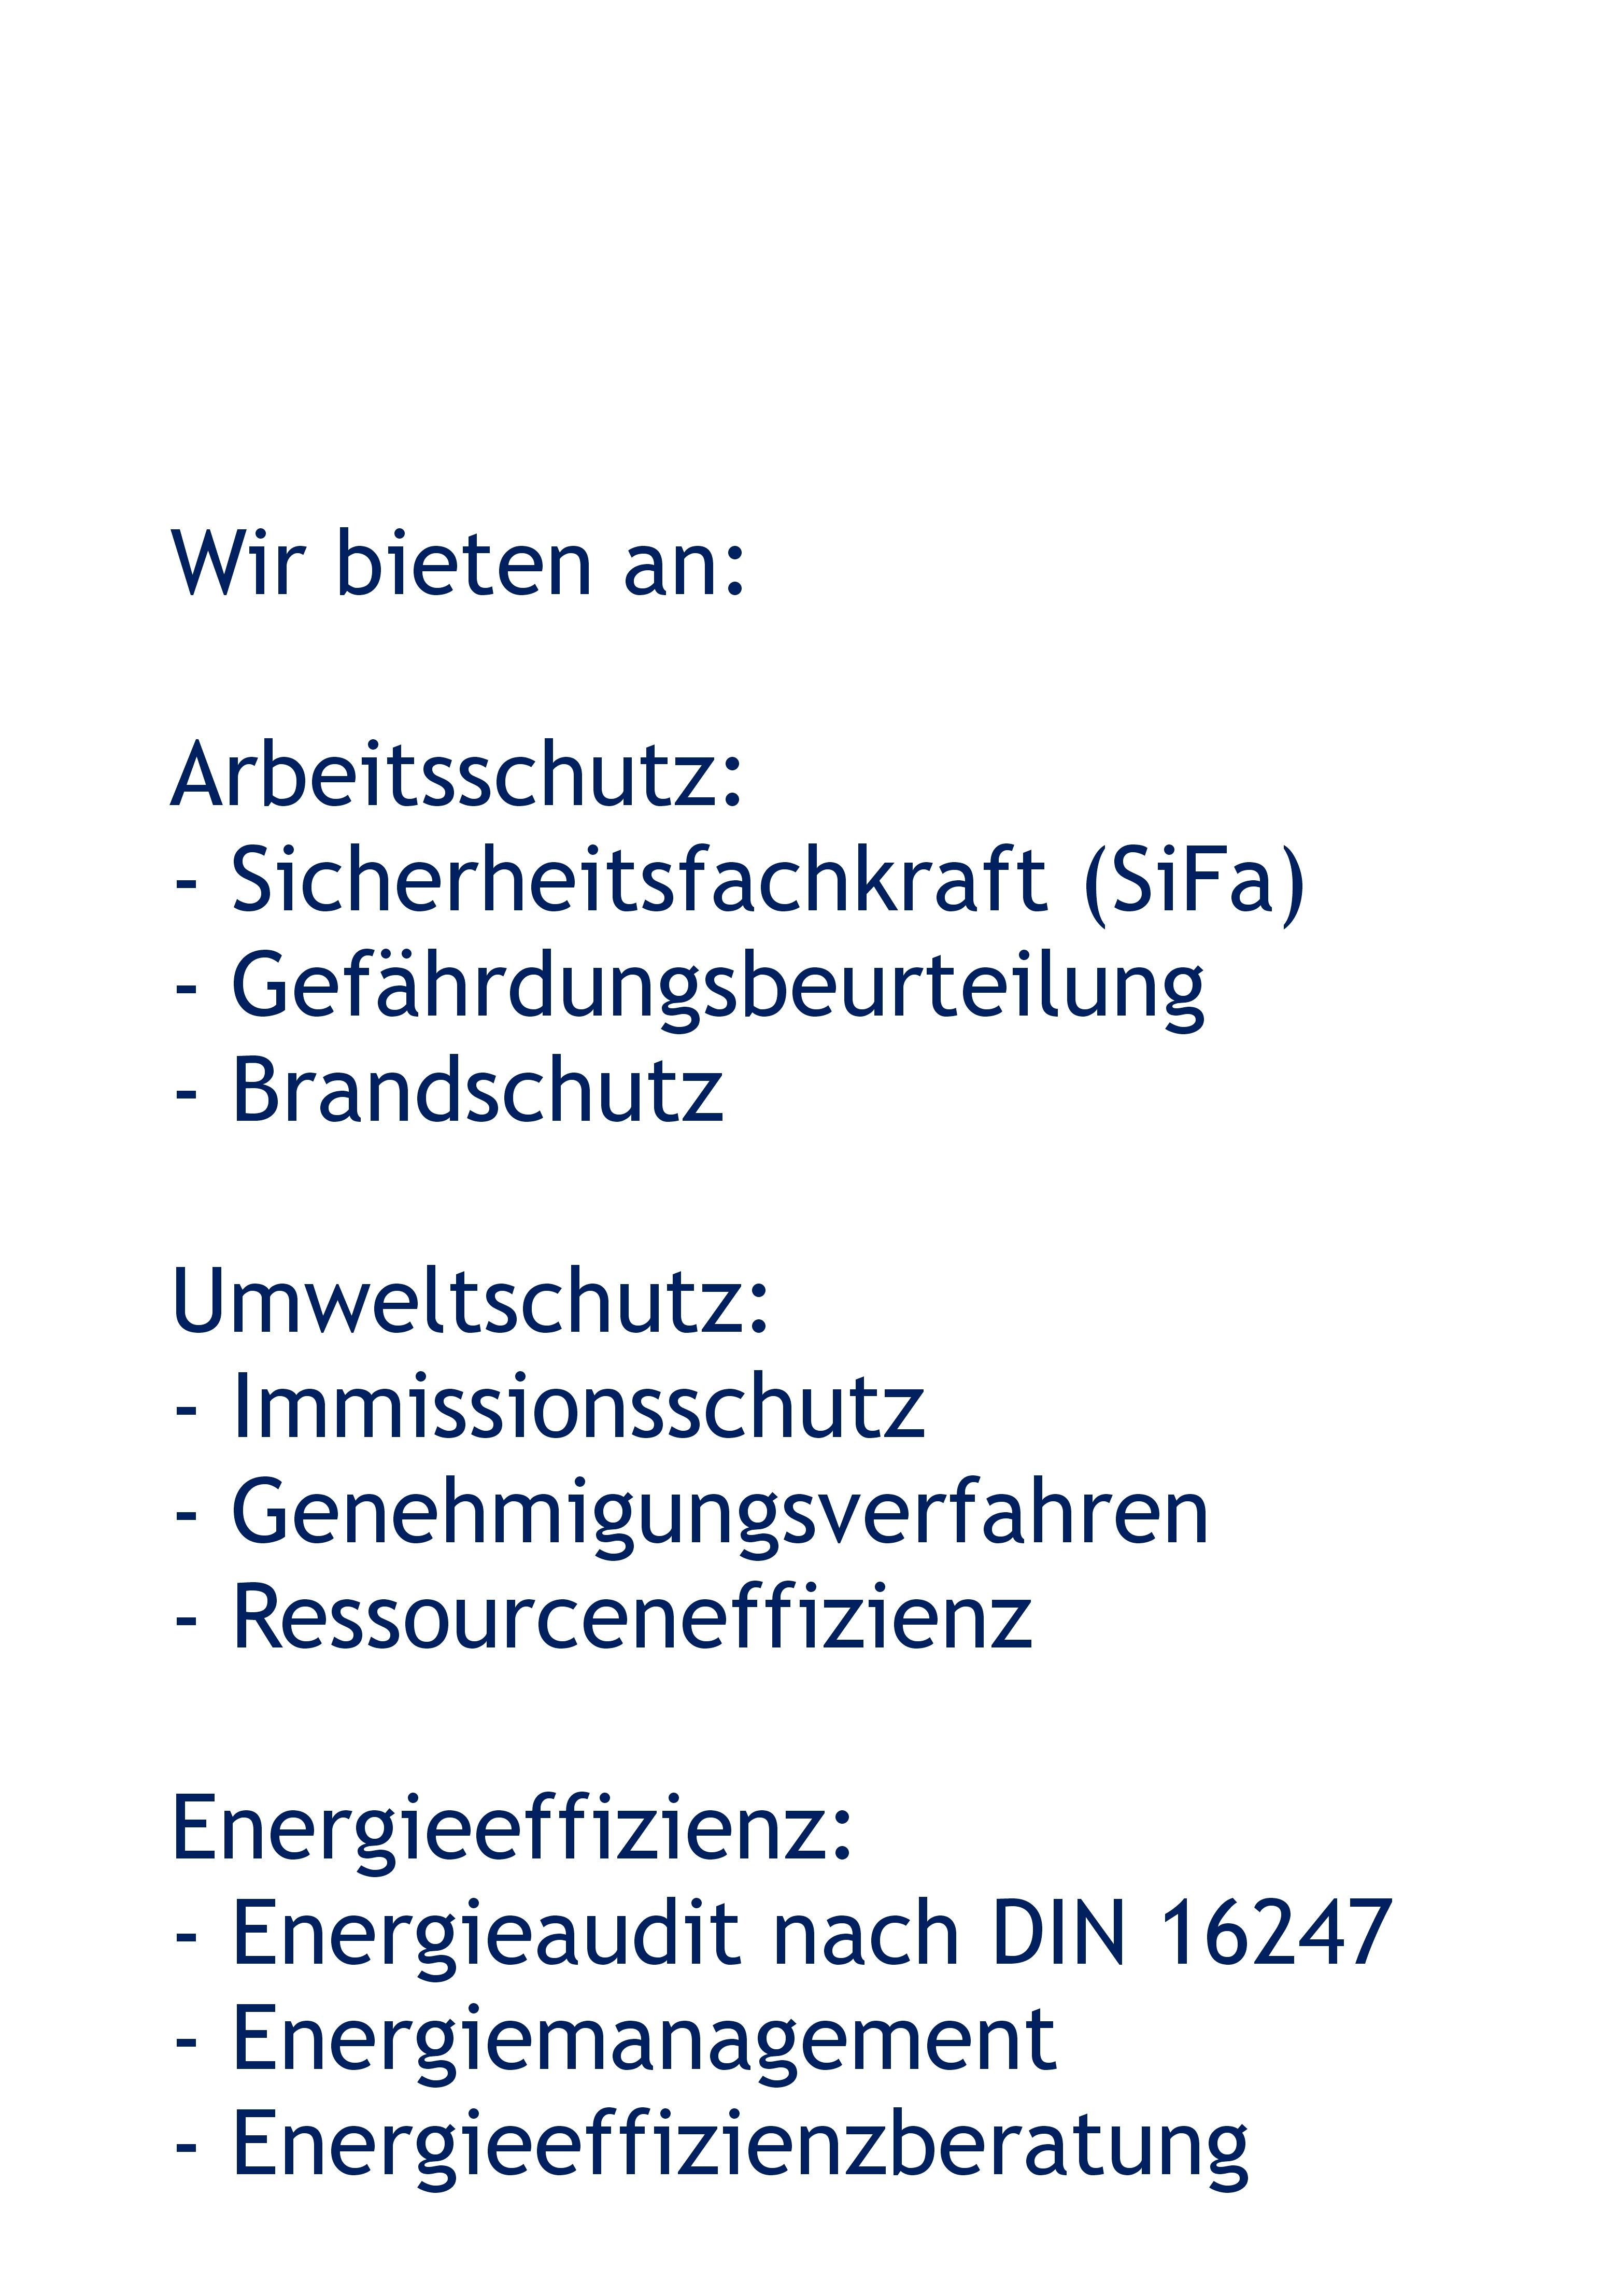 https://www.enviro-net.de/wp-content/uploads/2015/11/Widget_Start_neu-2.jpg